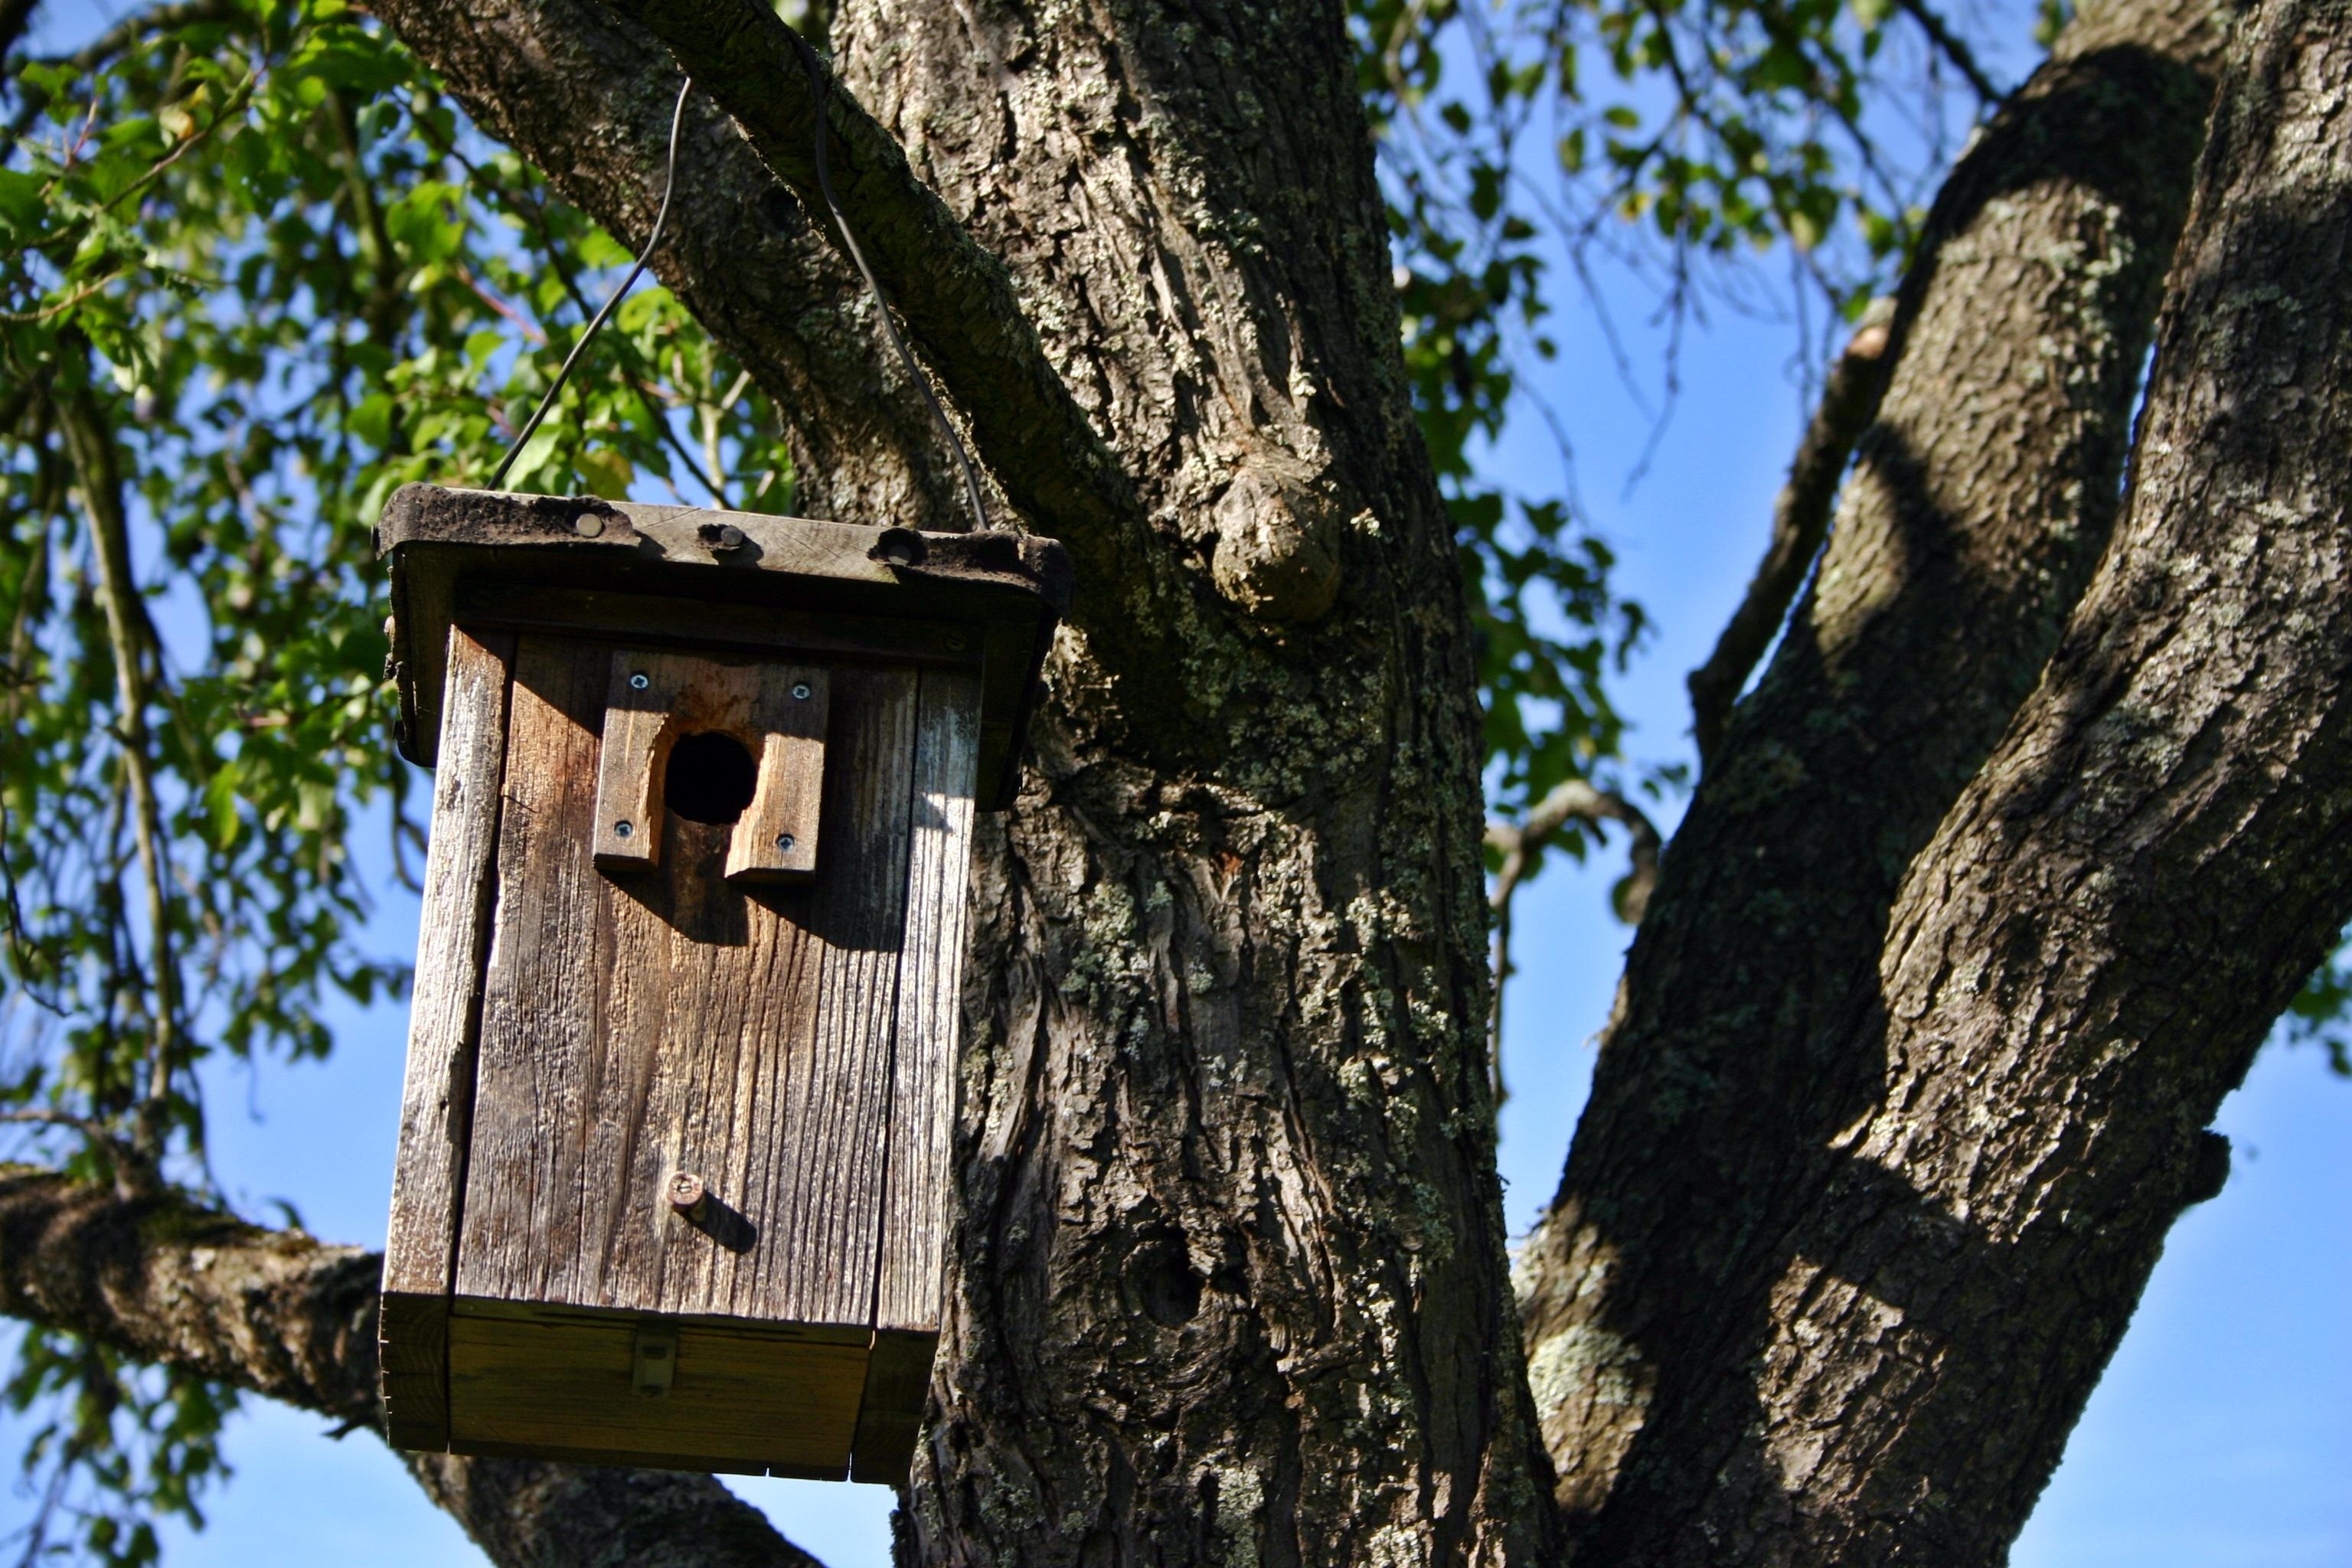 nesting-box-1728341